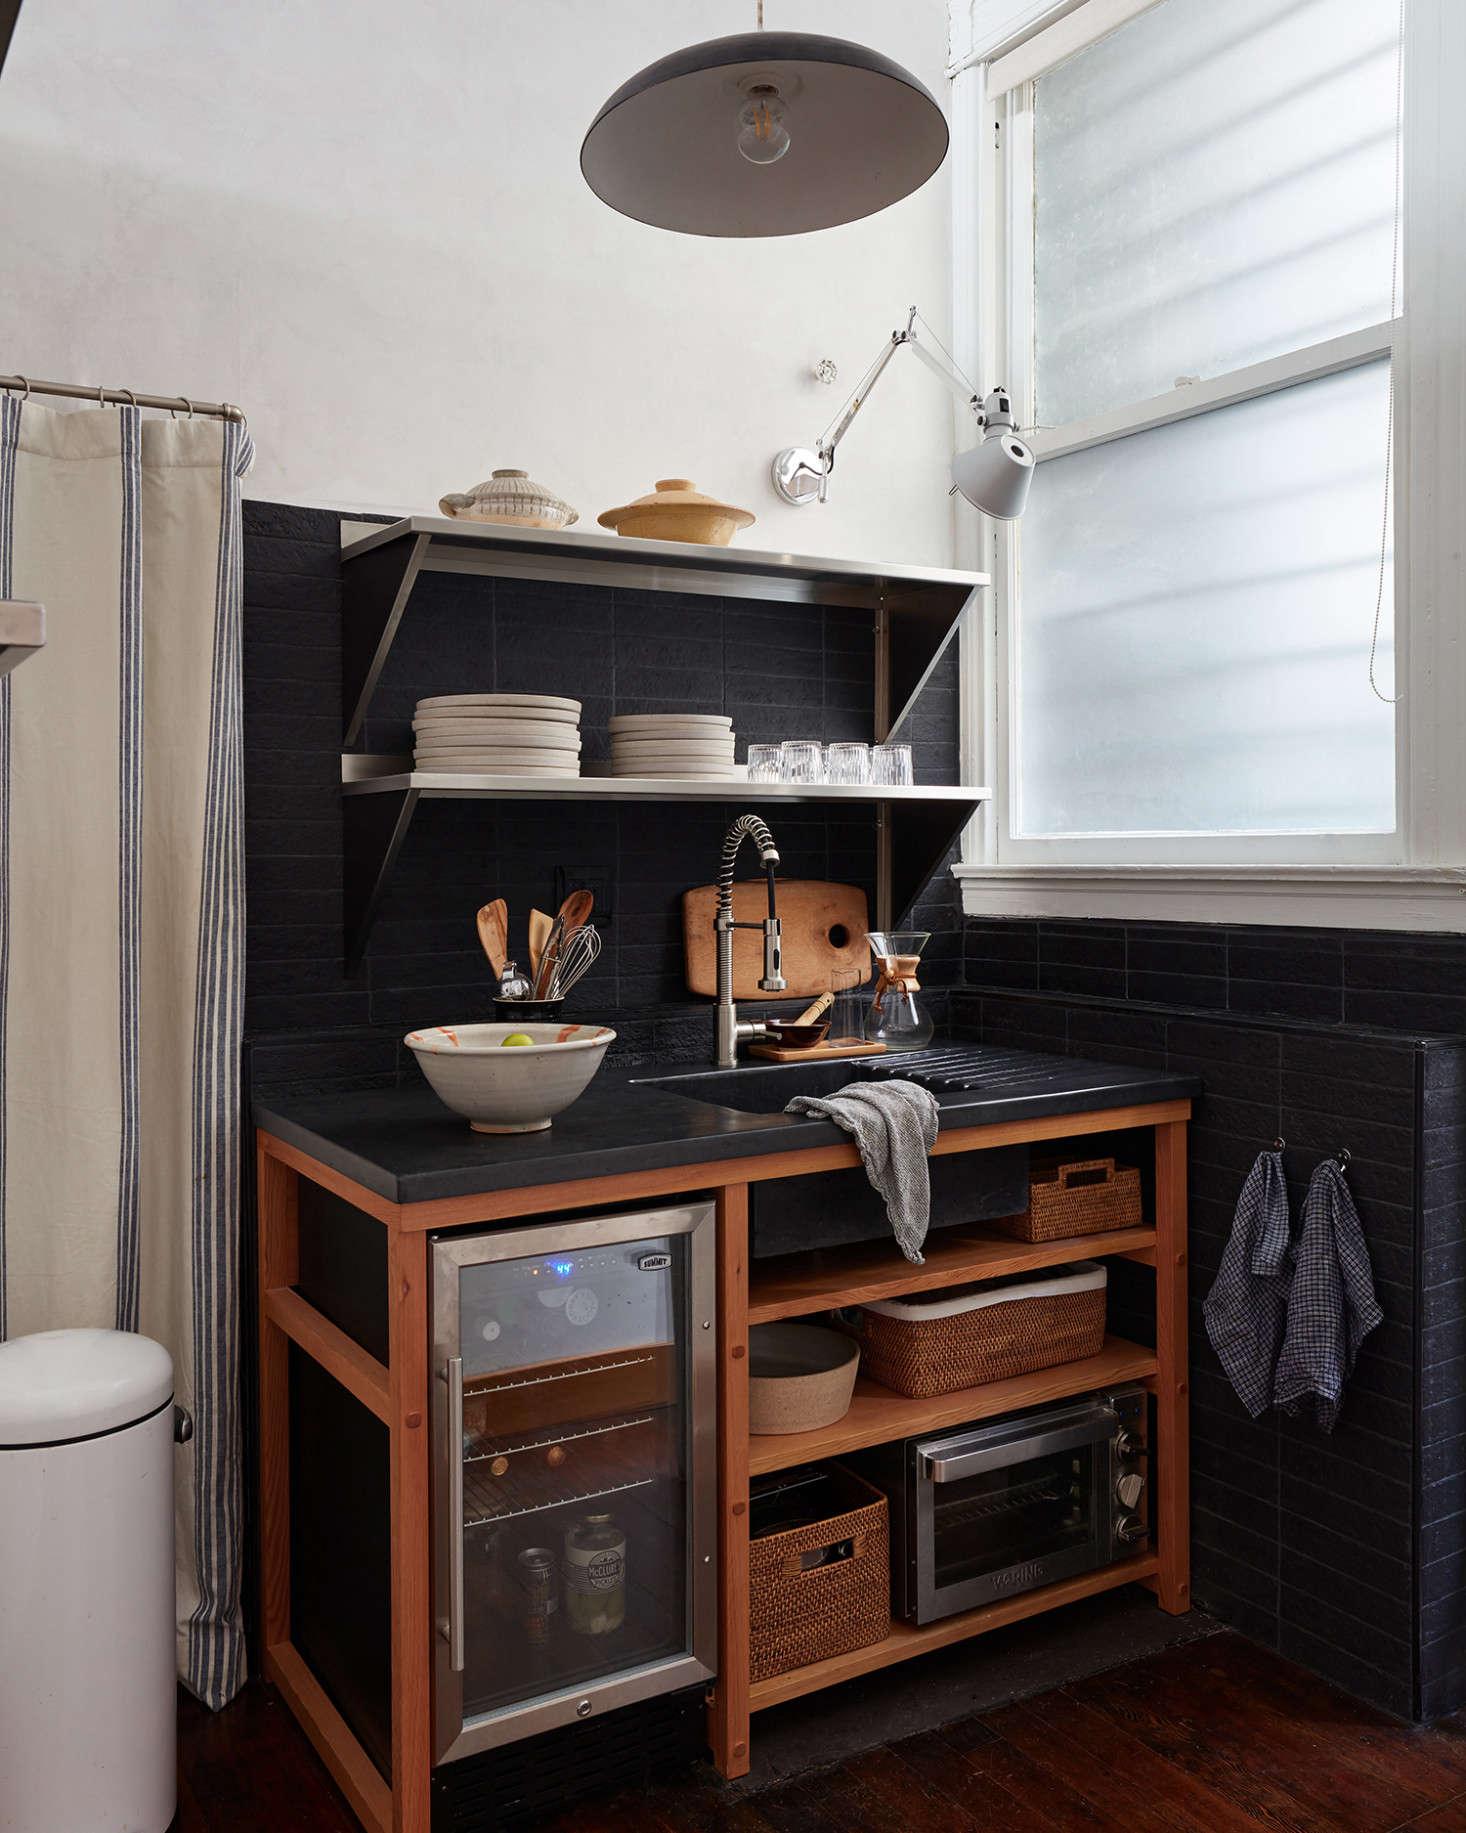 广告公司很明显,让他的办公室很大,而且设计了一个非常聪明的裁缝。根据K.K.K.K.K.K.K.K.K.A.,从这个小到了,这幅画是个小厨房的小把戏。